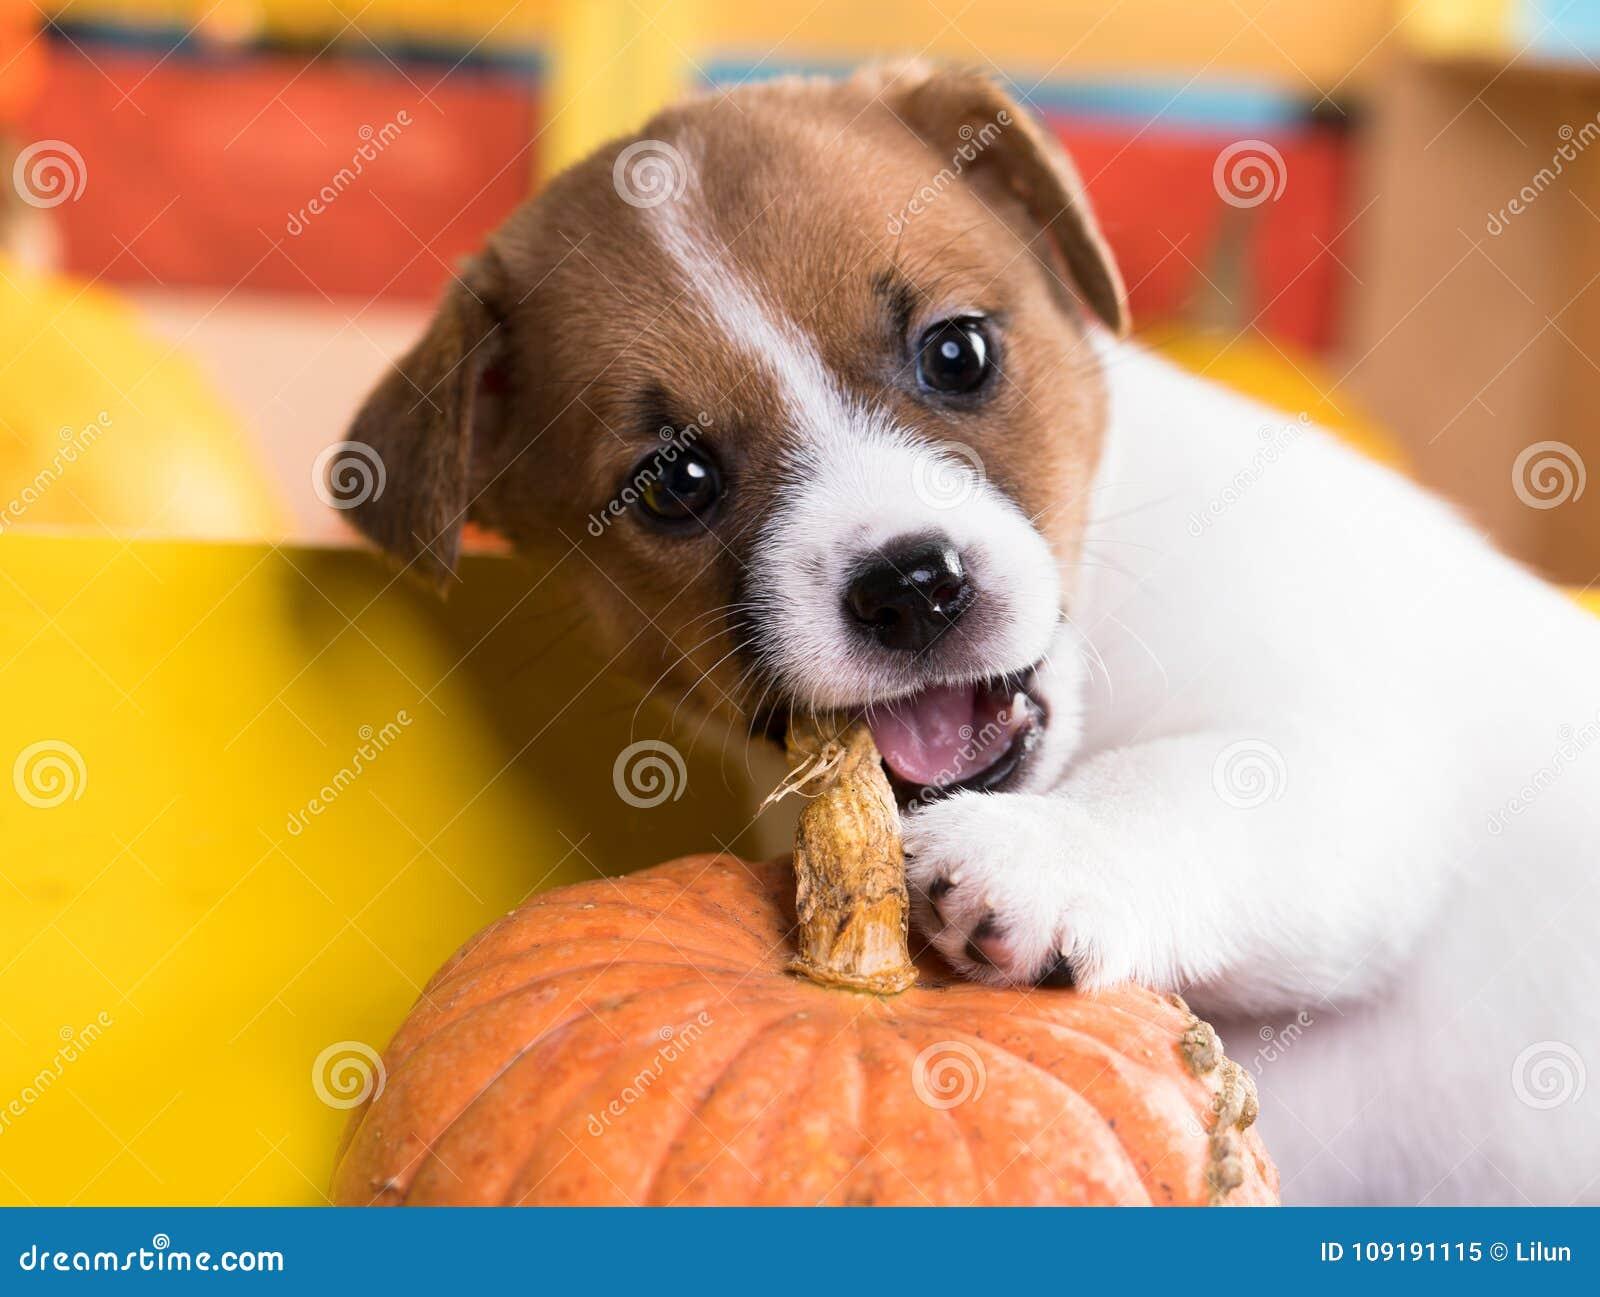 Gnaws pumpkin puppy